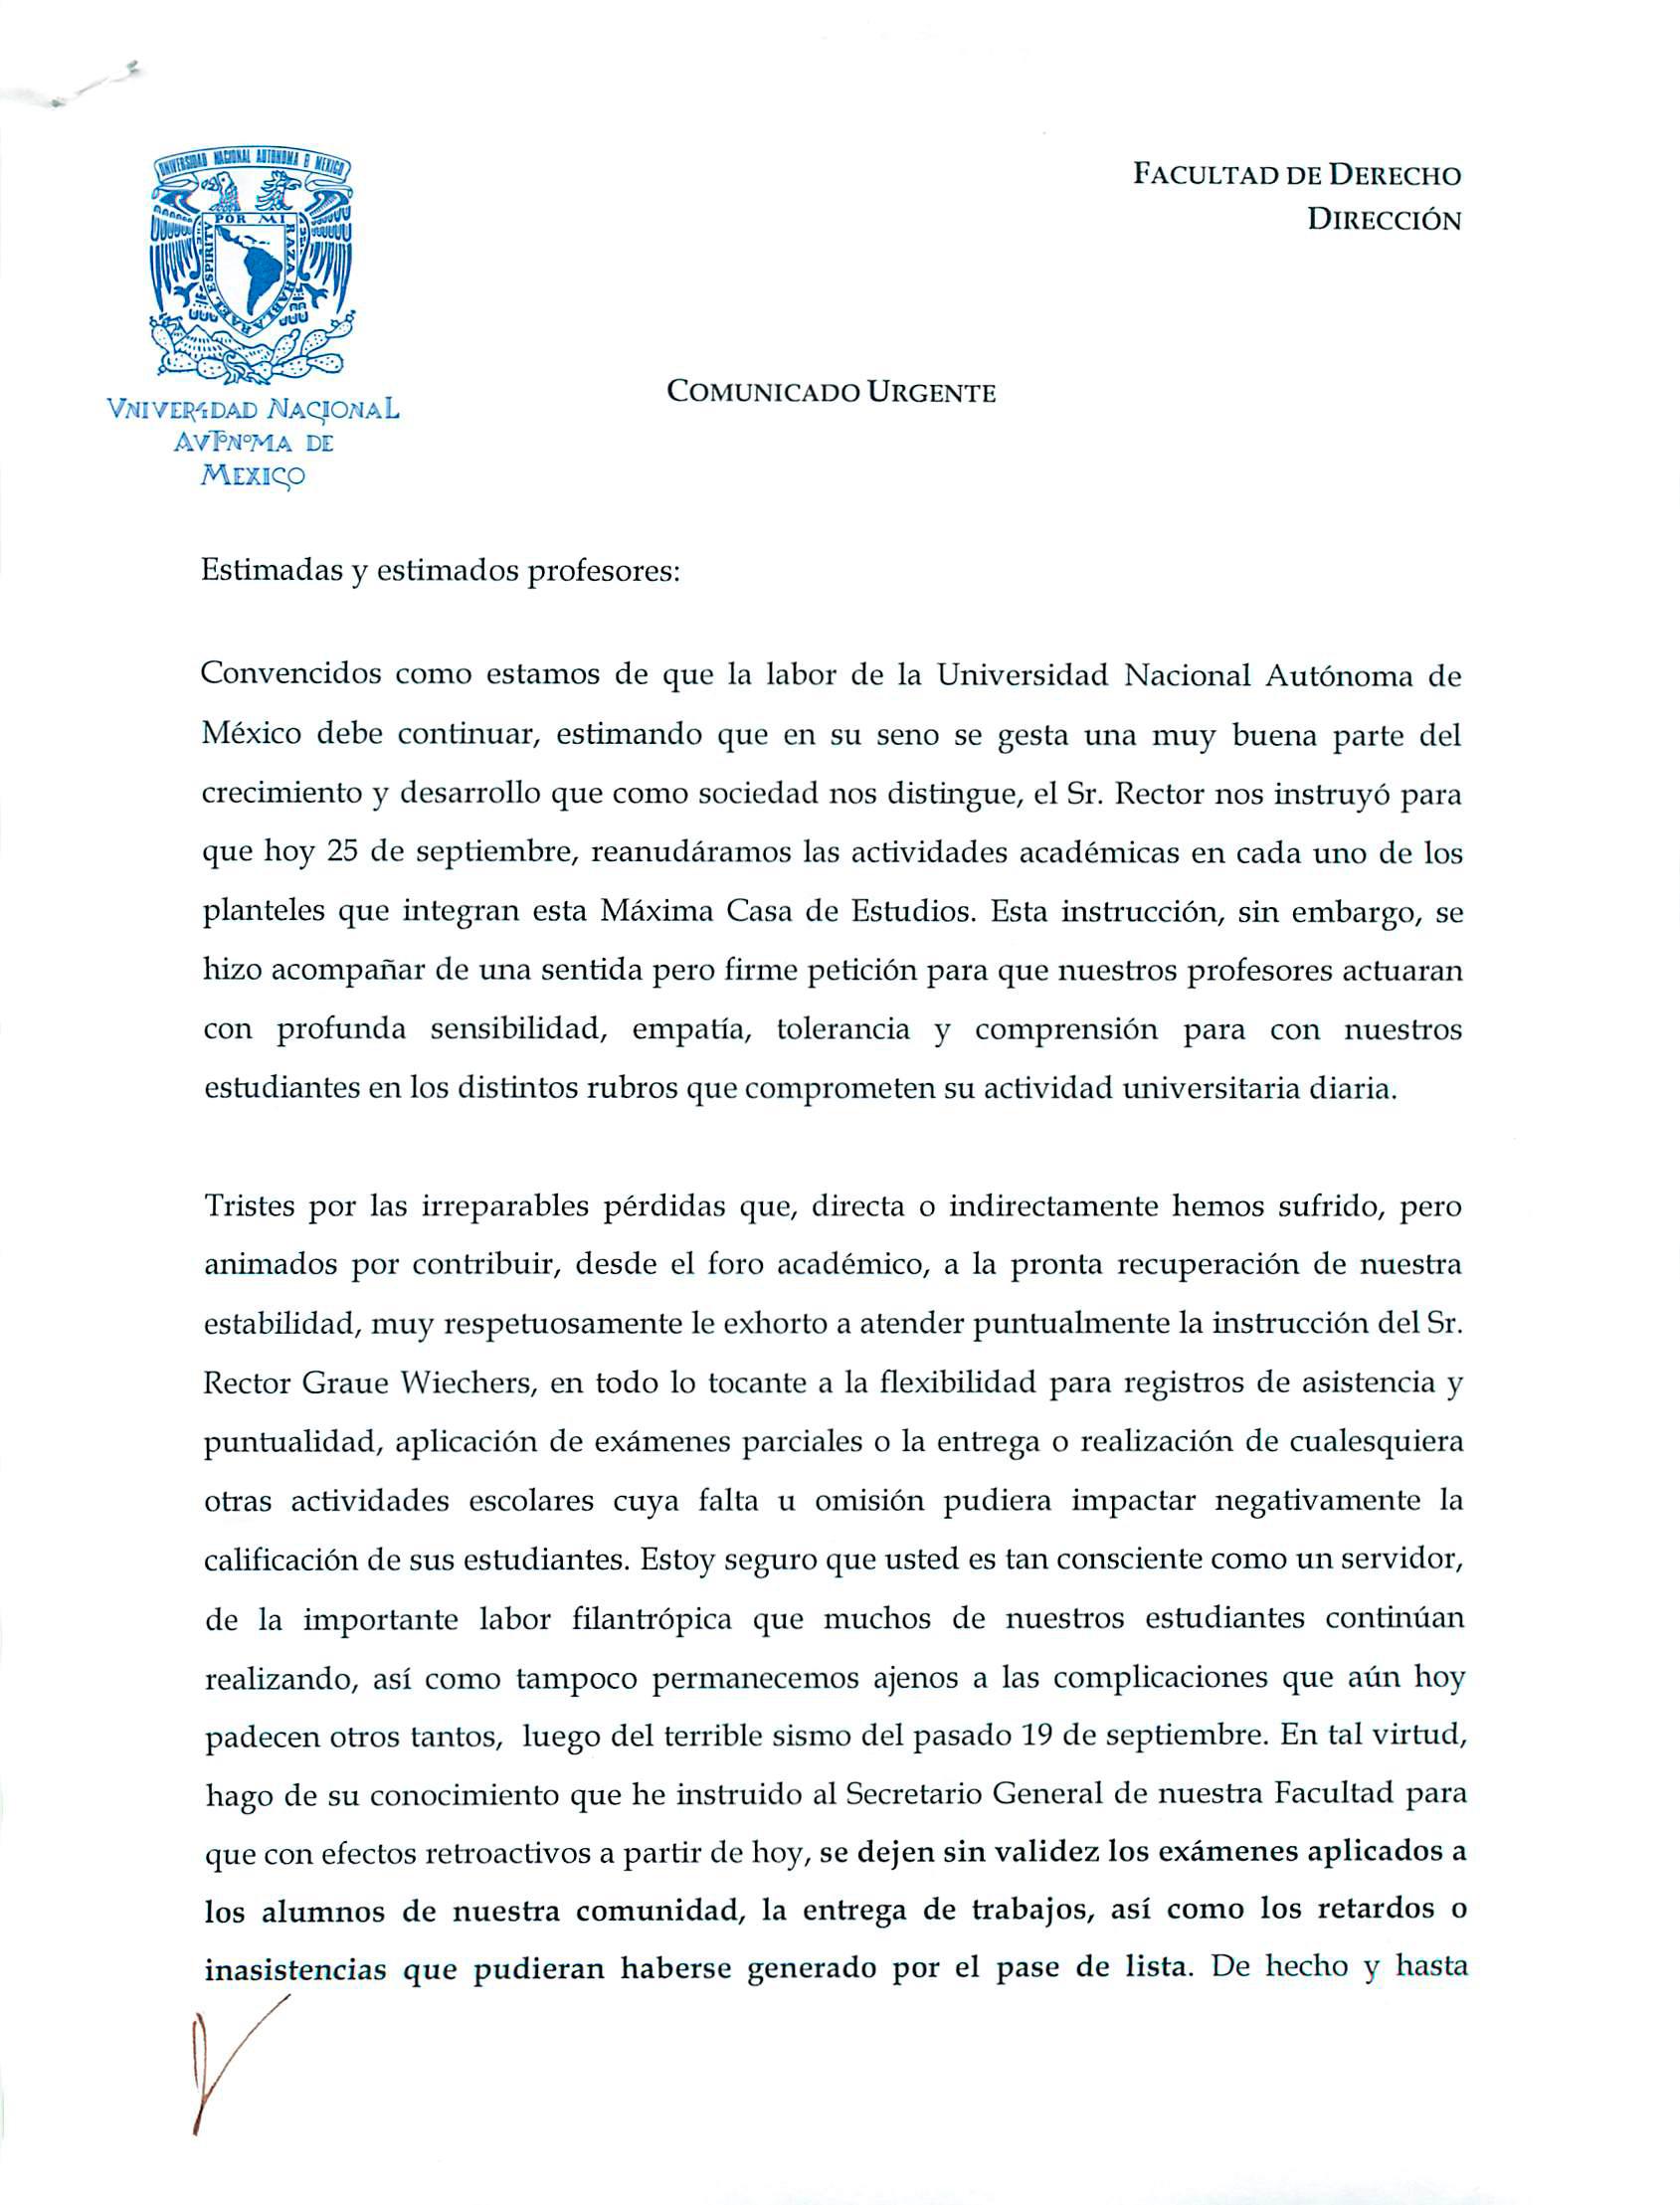 Facultad de Derecho - UNAM